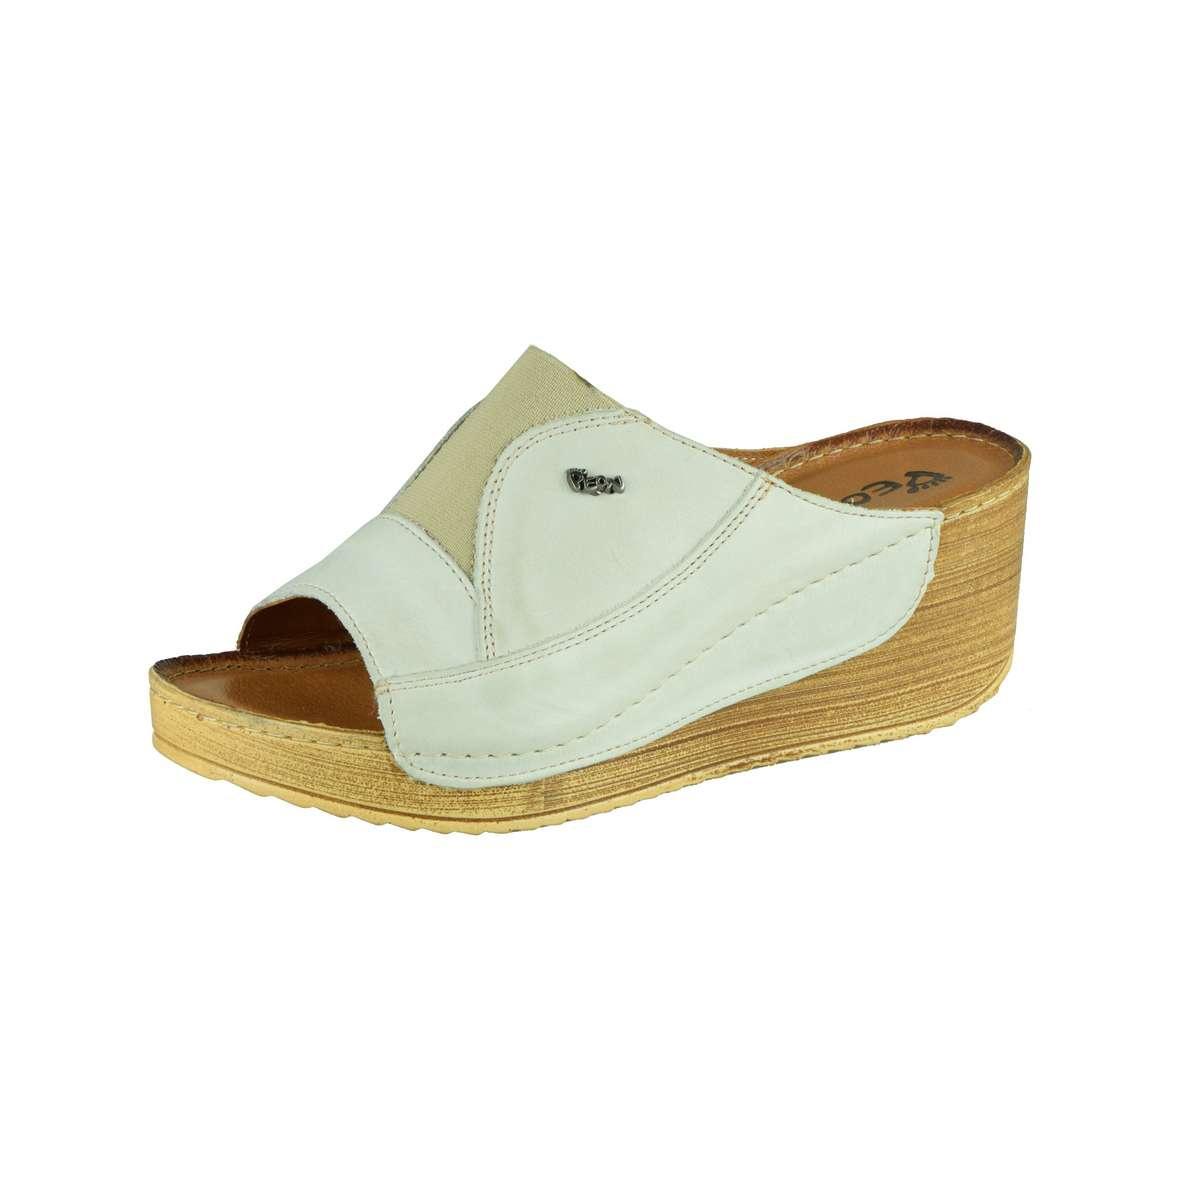 Dámská vycházková pantofel AM 545-5 - PEON 1e945c2228